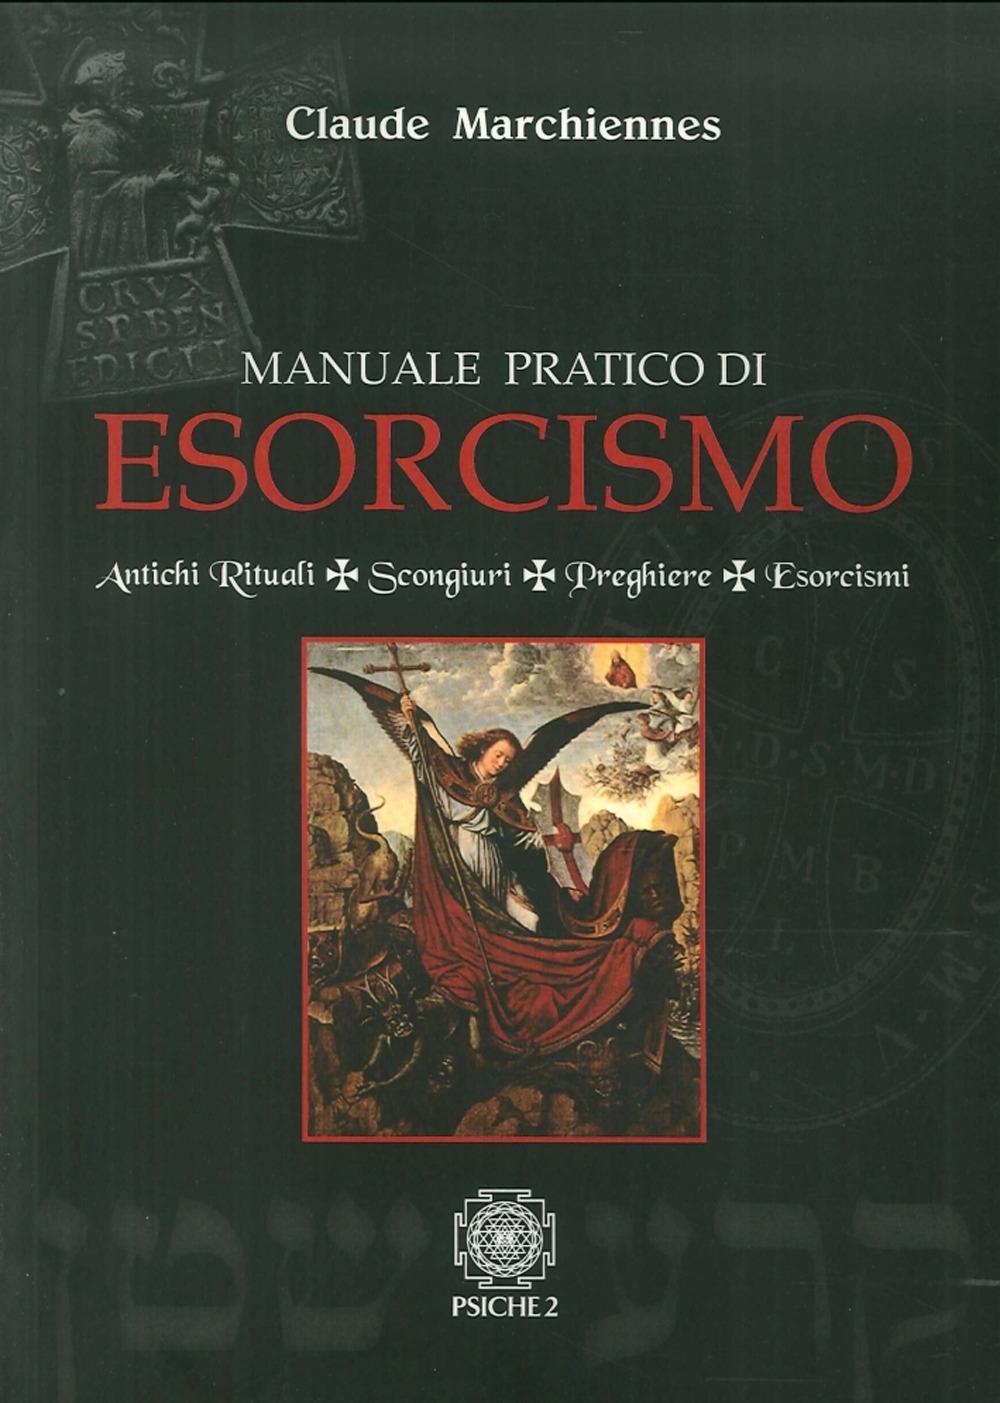 Manuale Pratico di Esorcismo. Antichi Rituali, Scongiuri, Preghiere, Esorcismi.